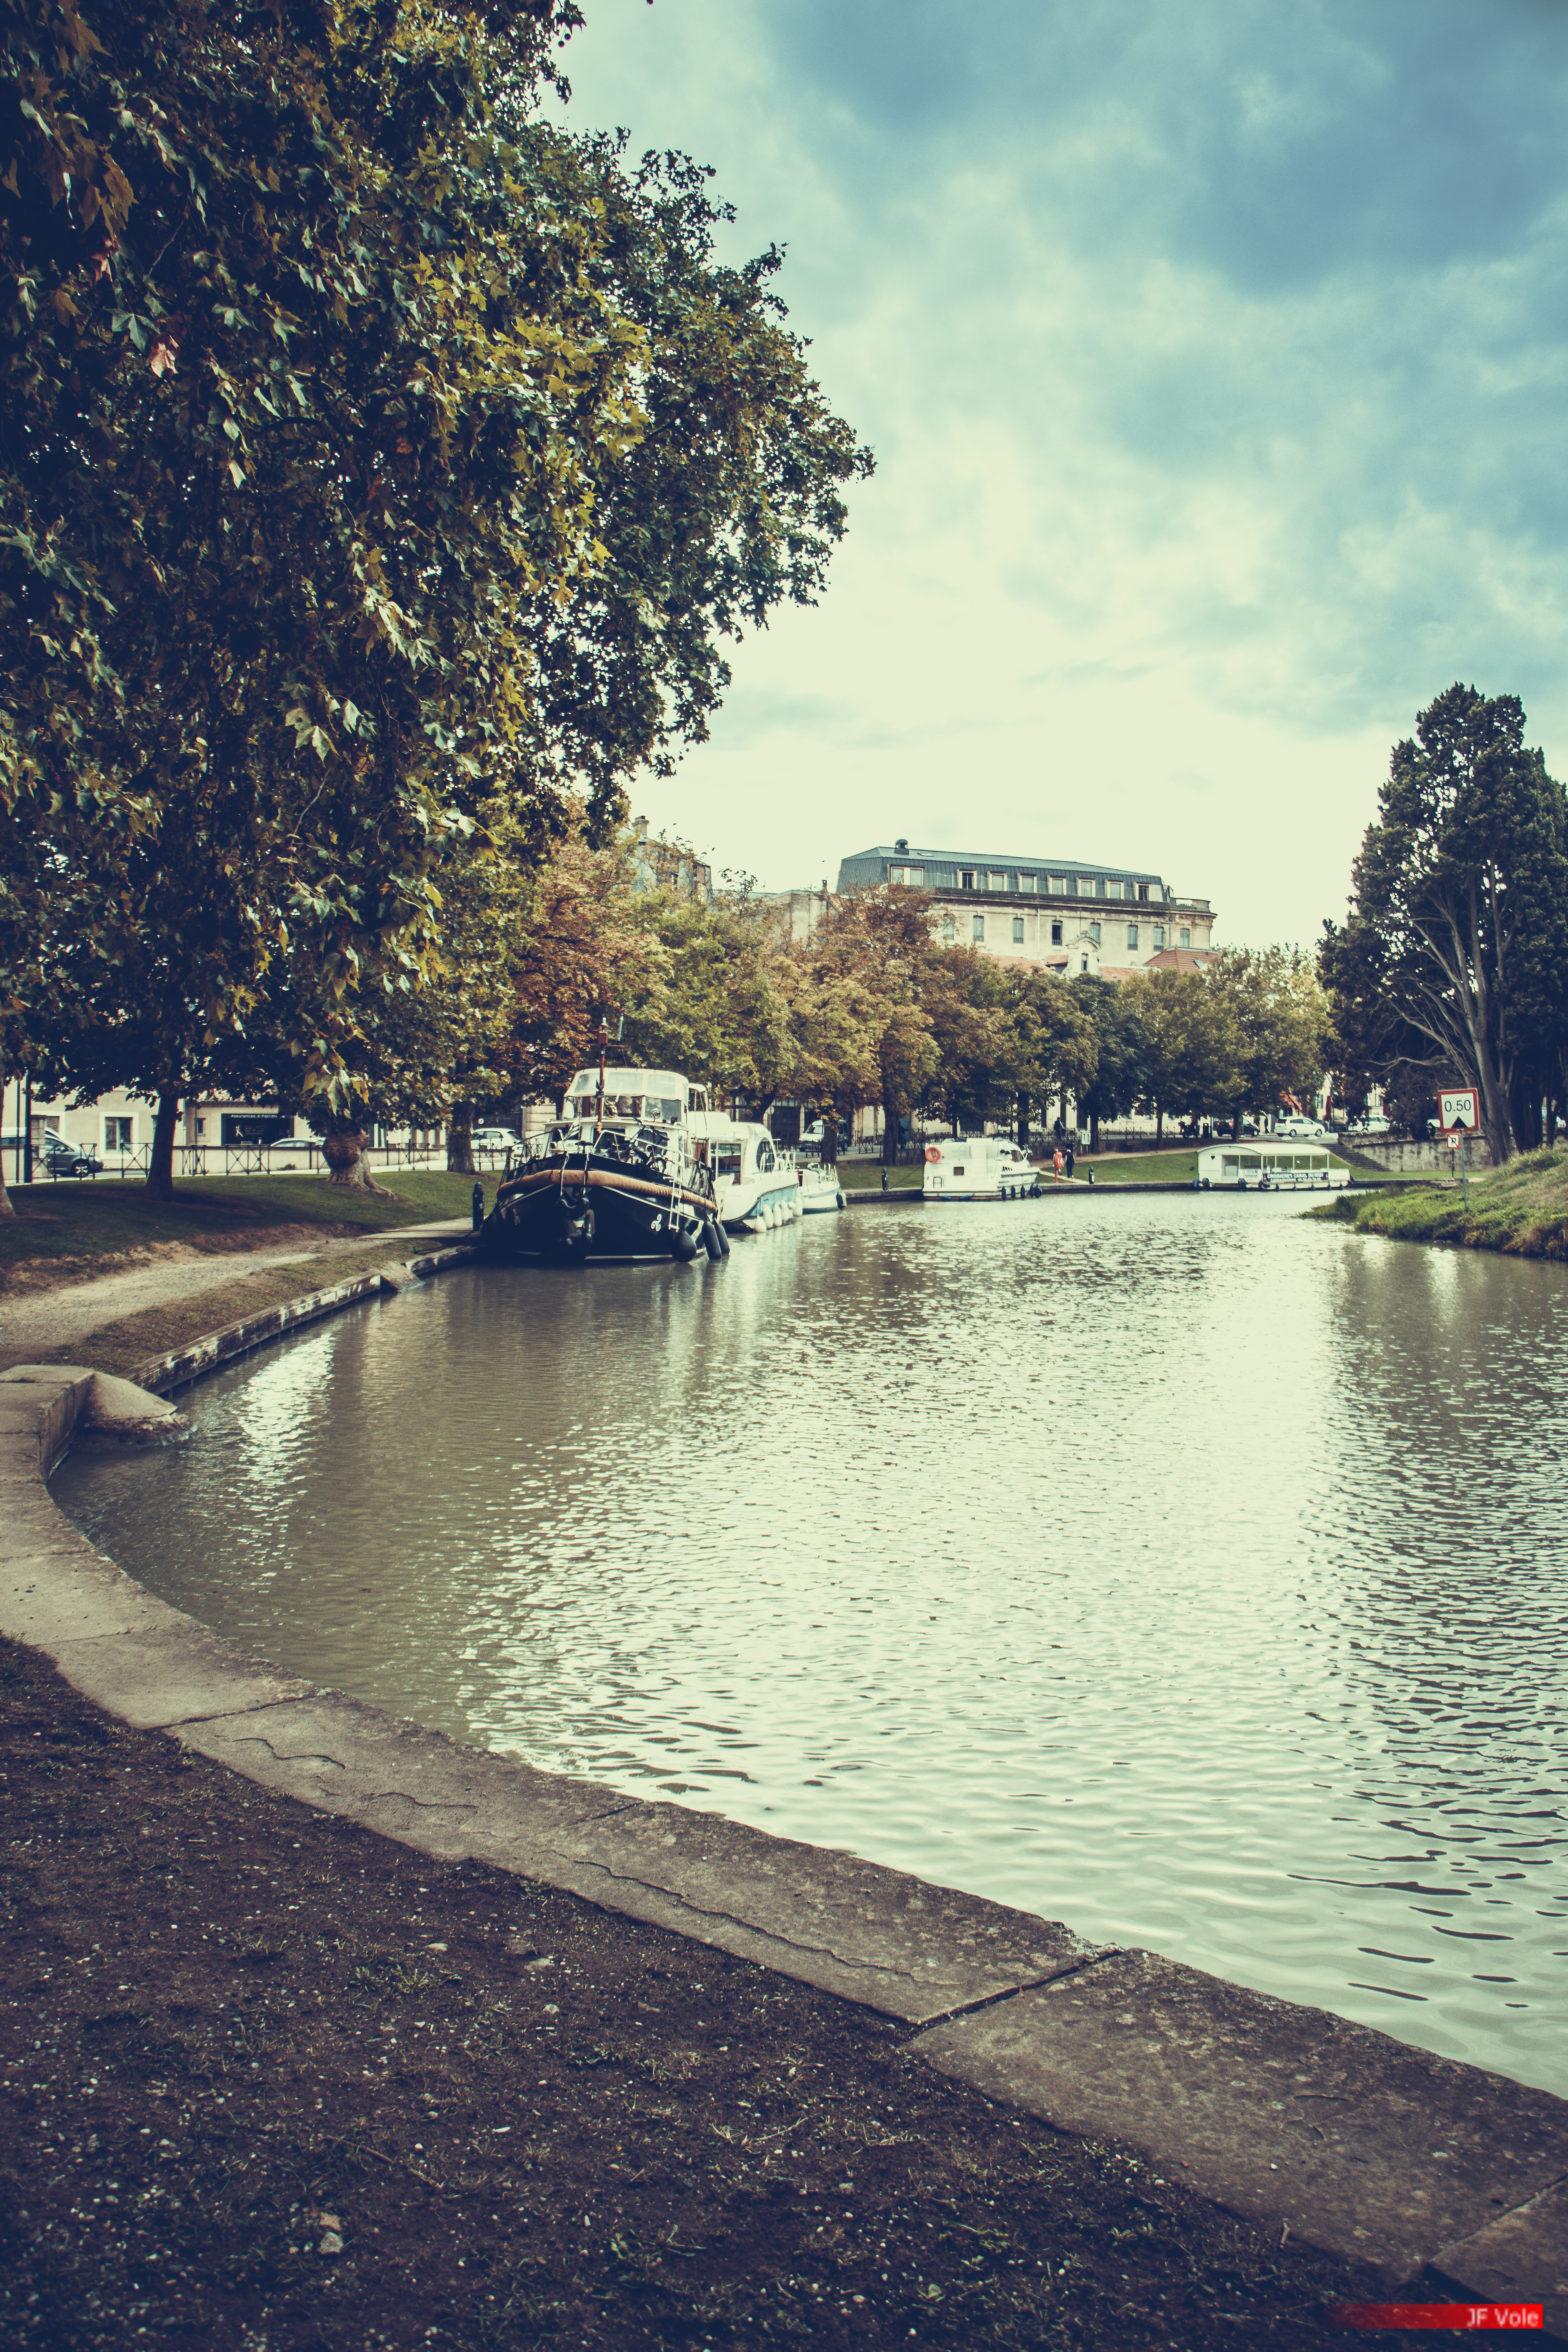 Écluse de Carcassonne 2109-01 Septembre 2021.